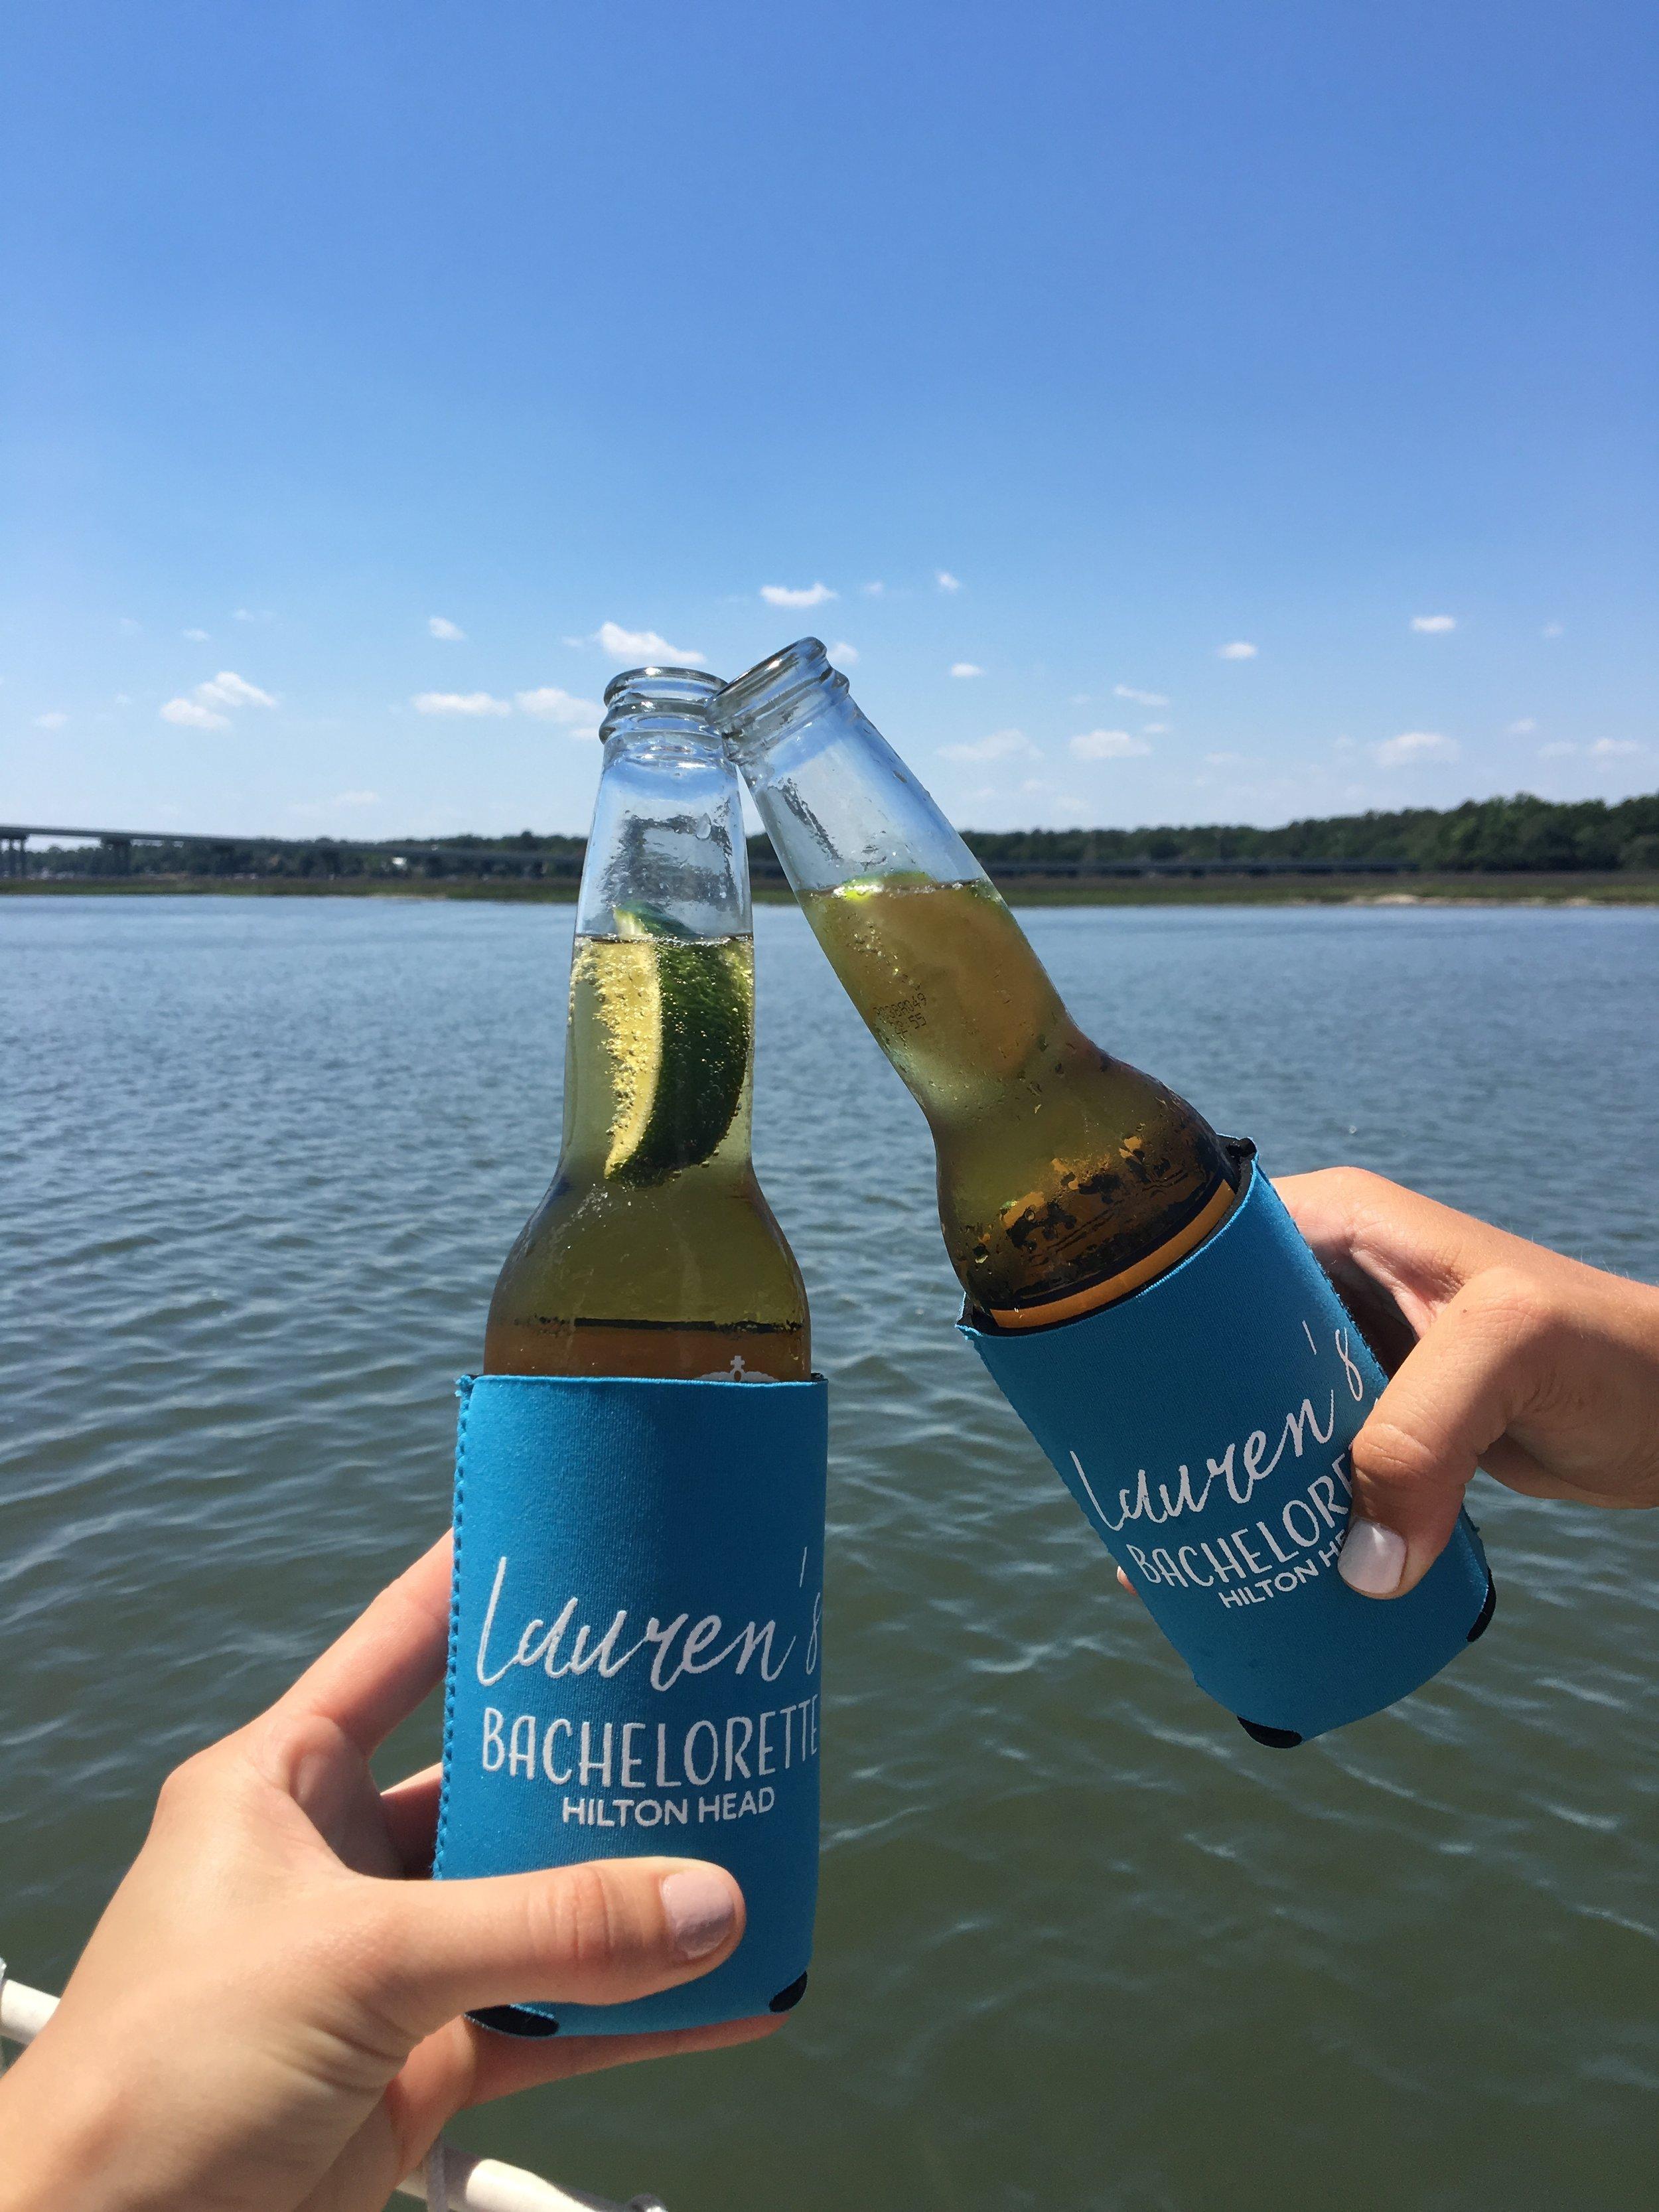 Lauren's Bachelorette // Hilton Head, SC